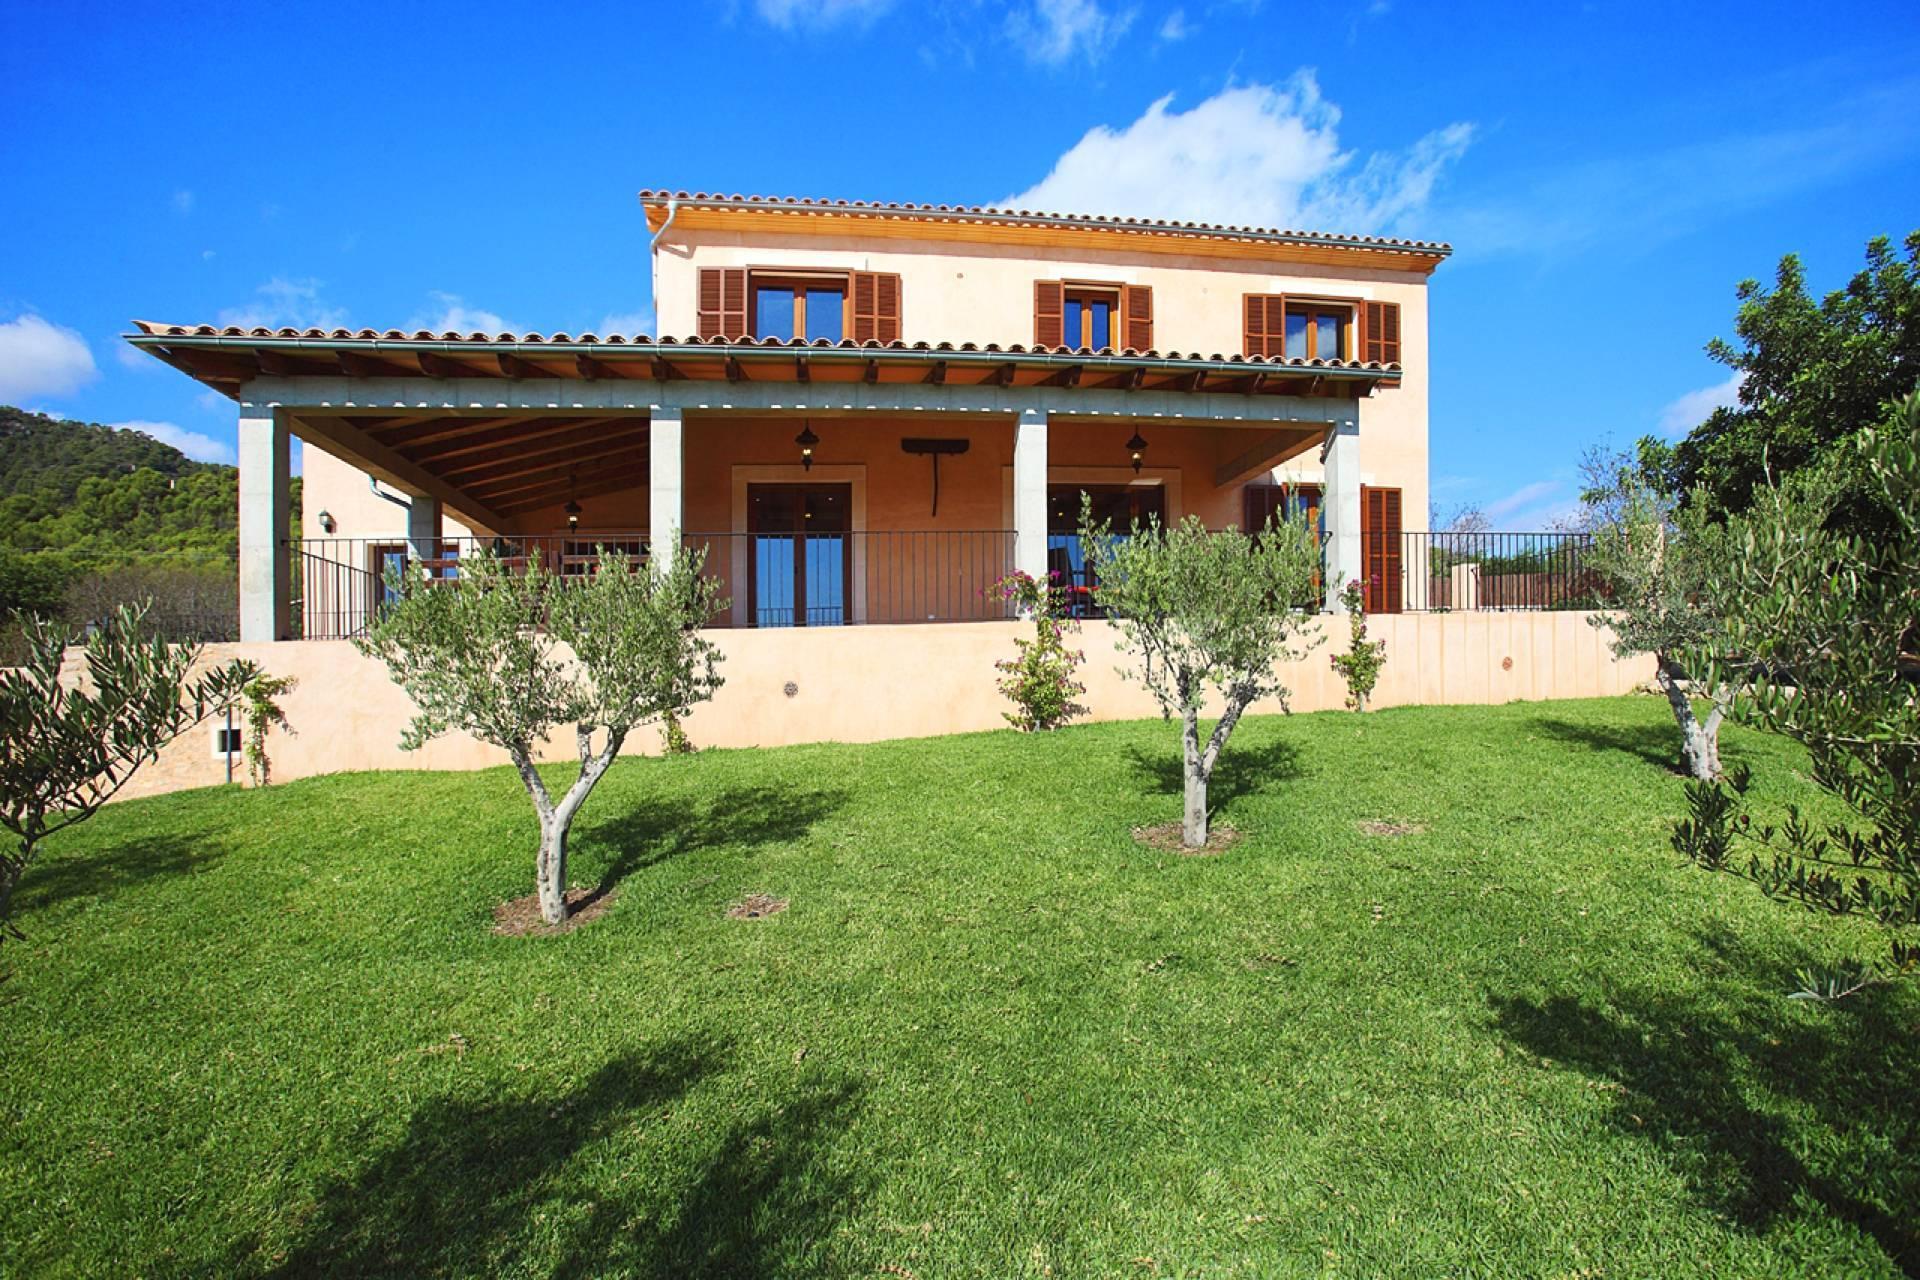 01-159 Ländliches Ferienhaus Mallorca Osten Bild 1